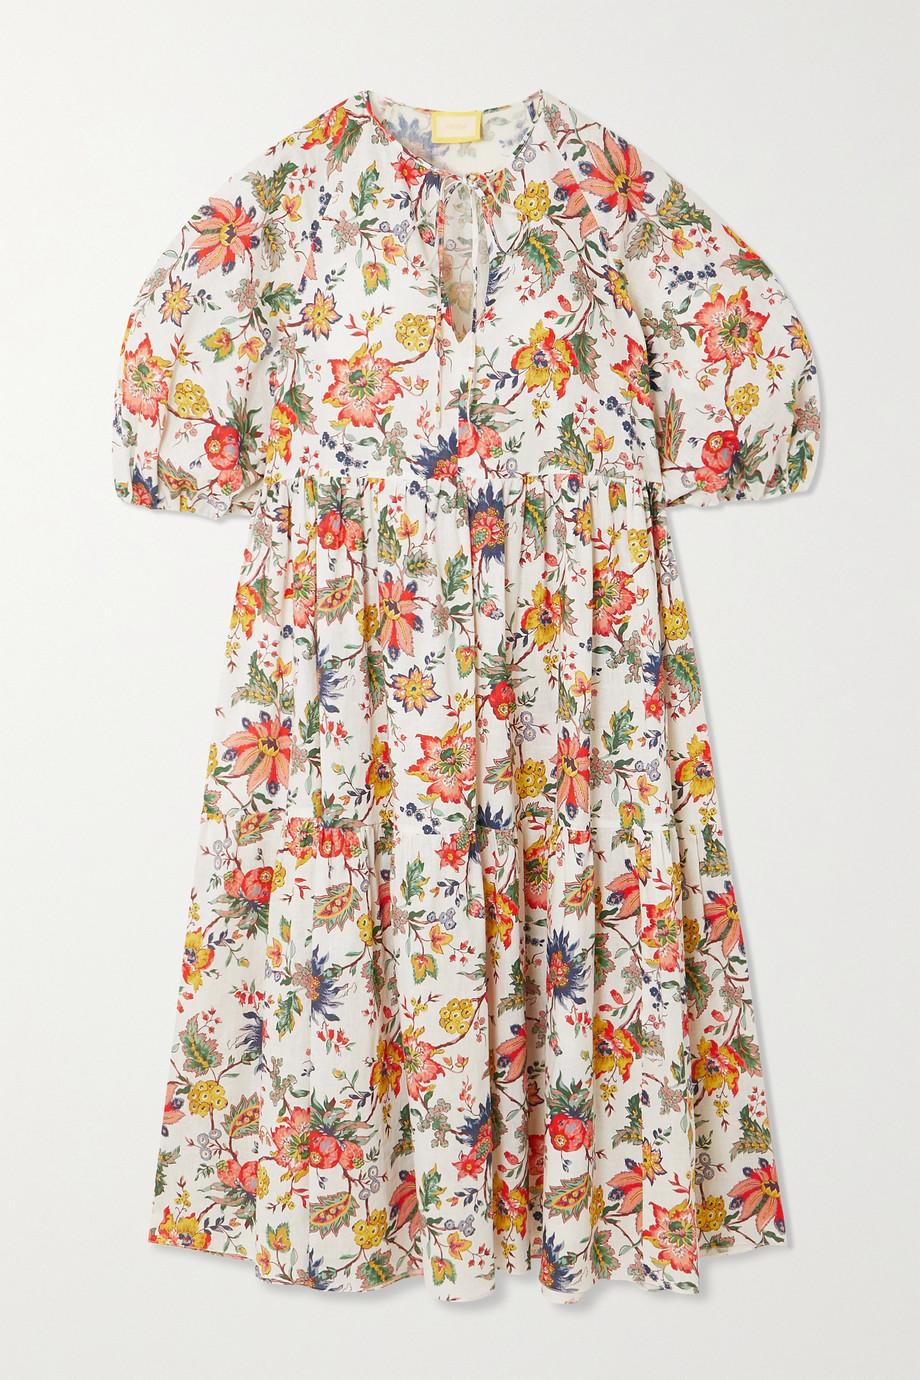 Erdem Robe midi en lin et coton mélangés à imprimé fleuri Positano